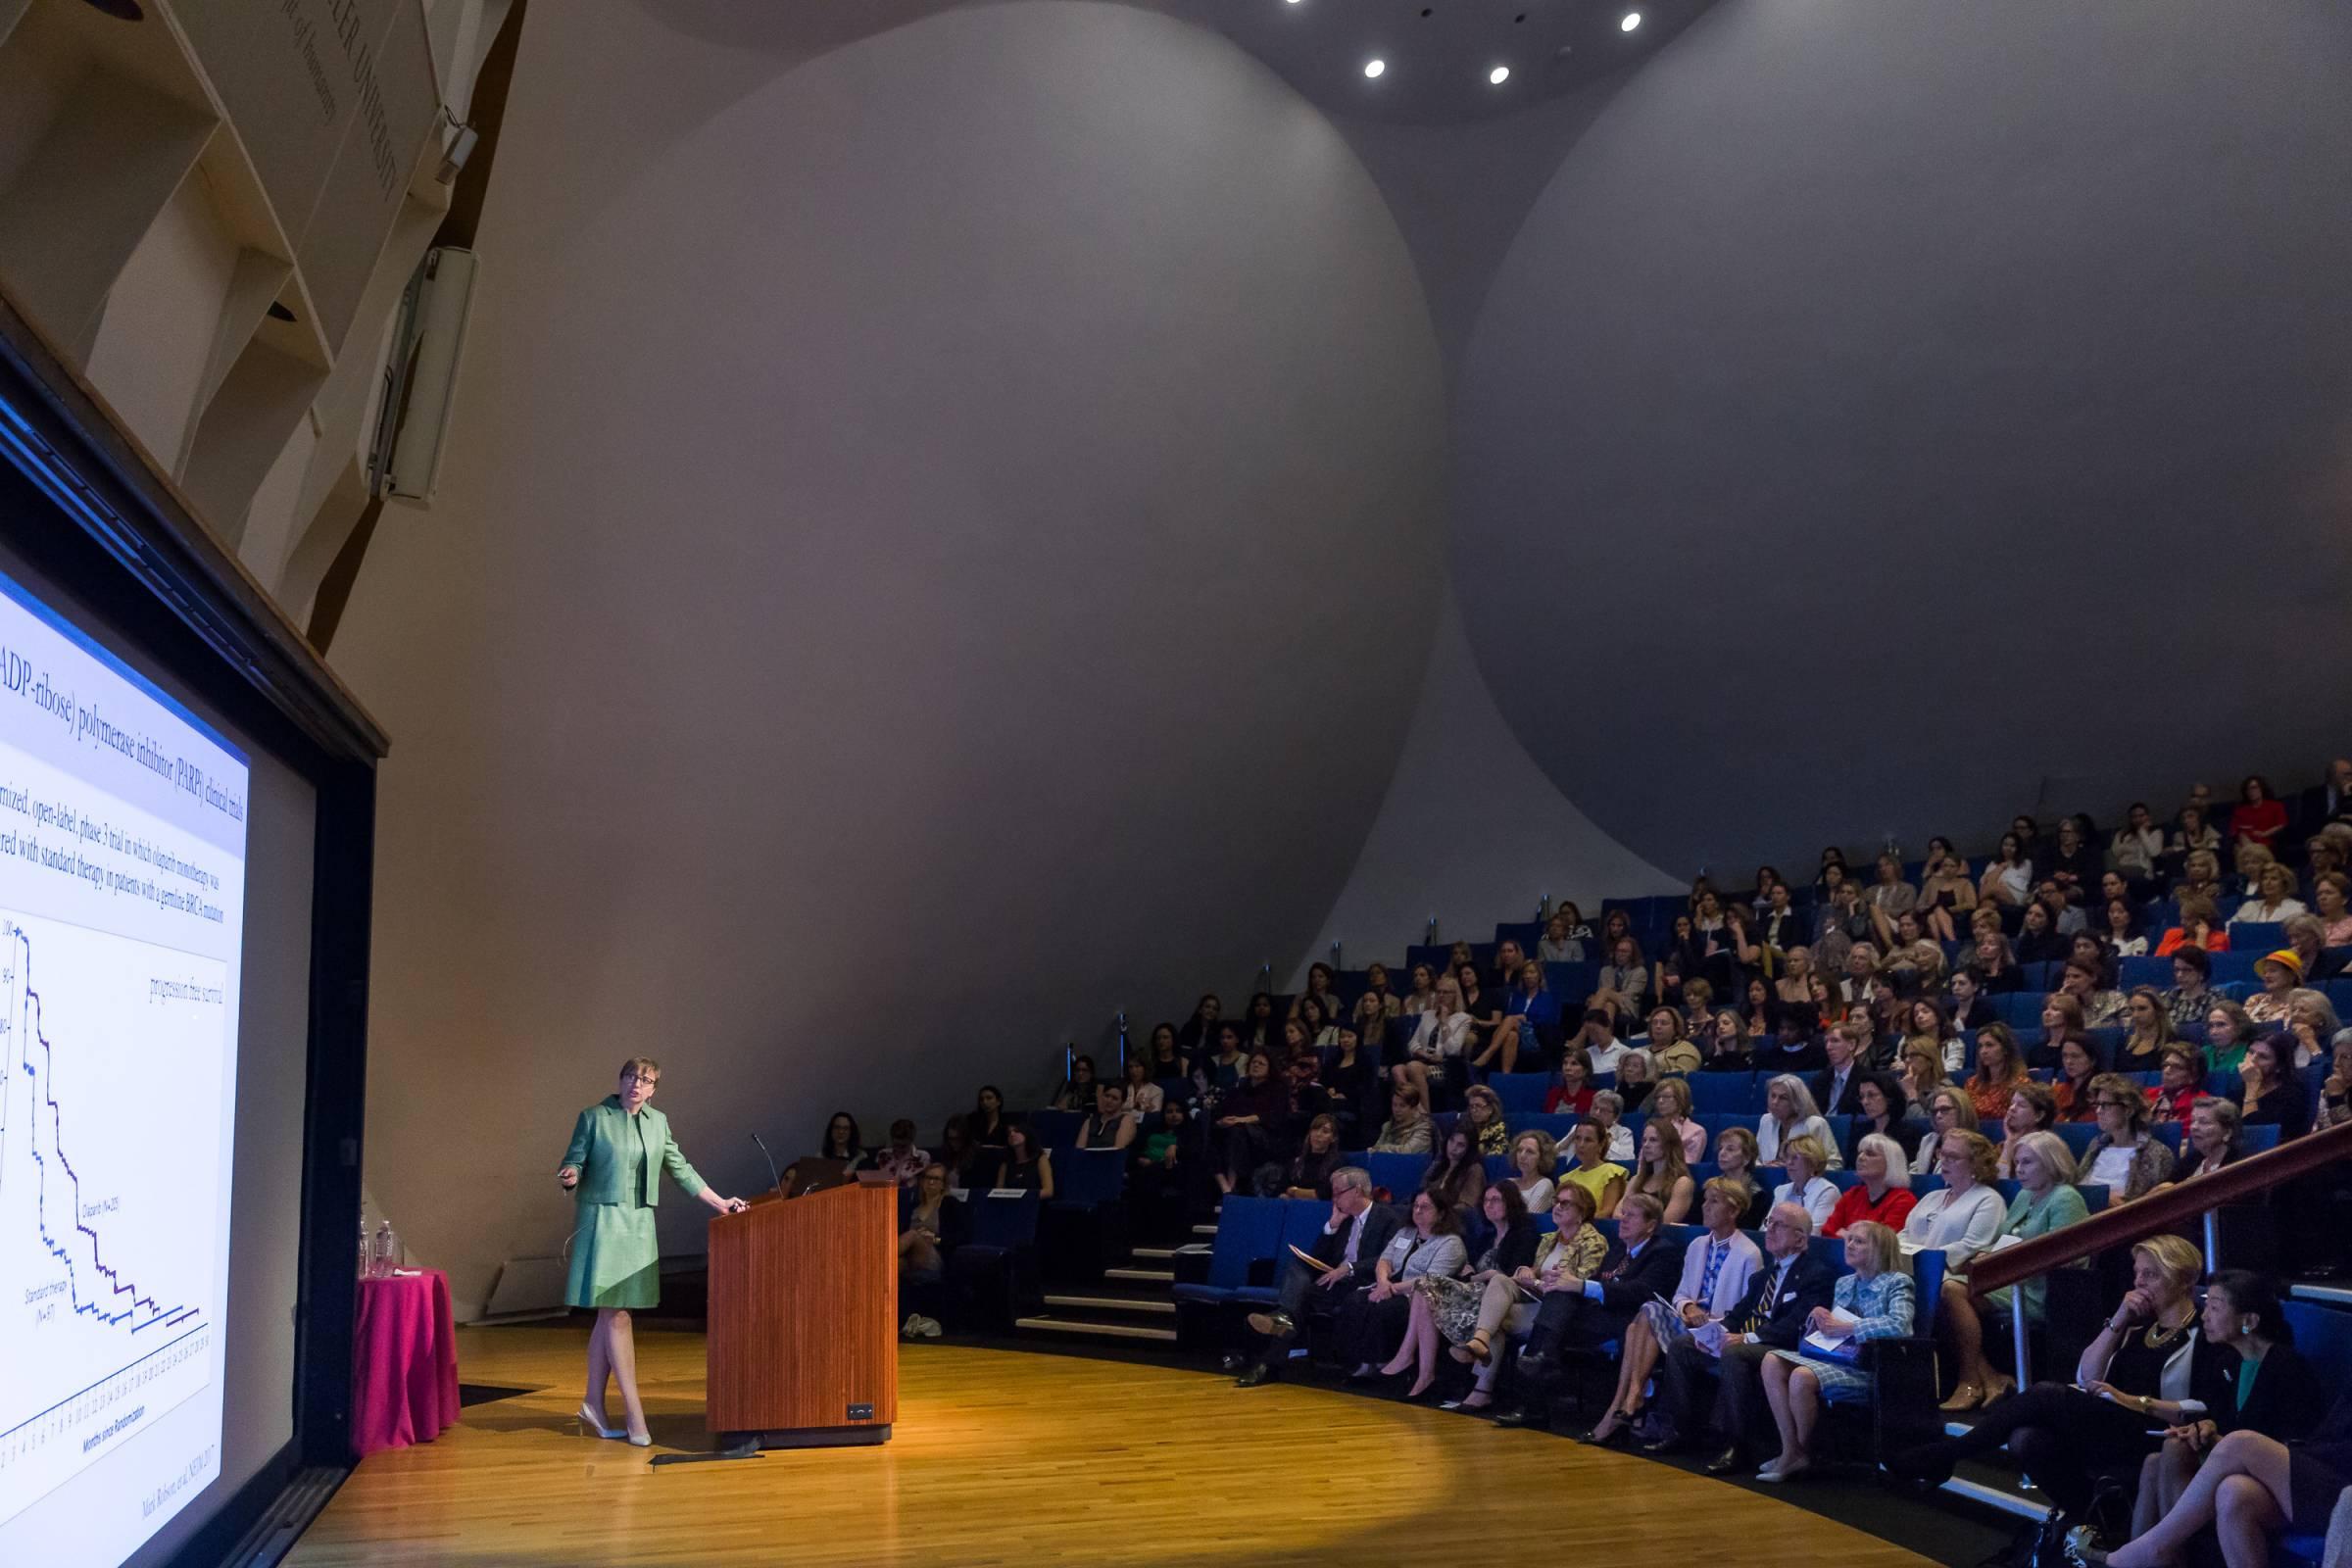 Agata Smogorzewska Lecture